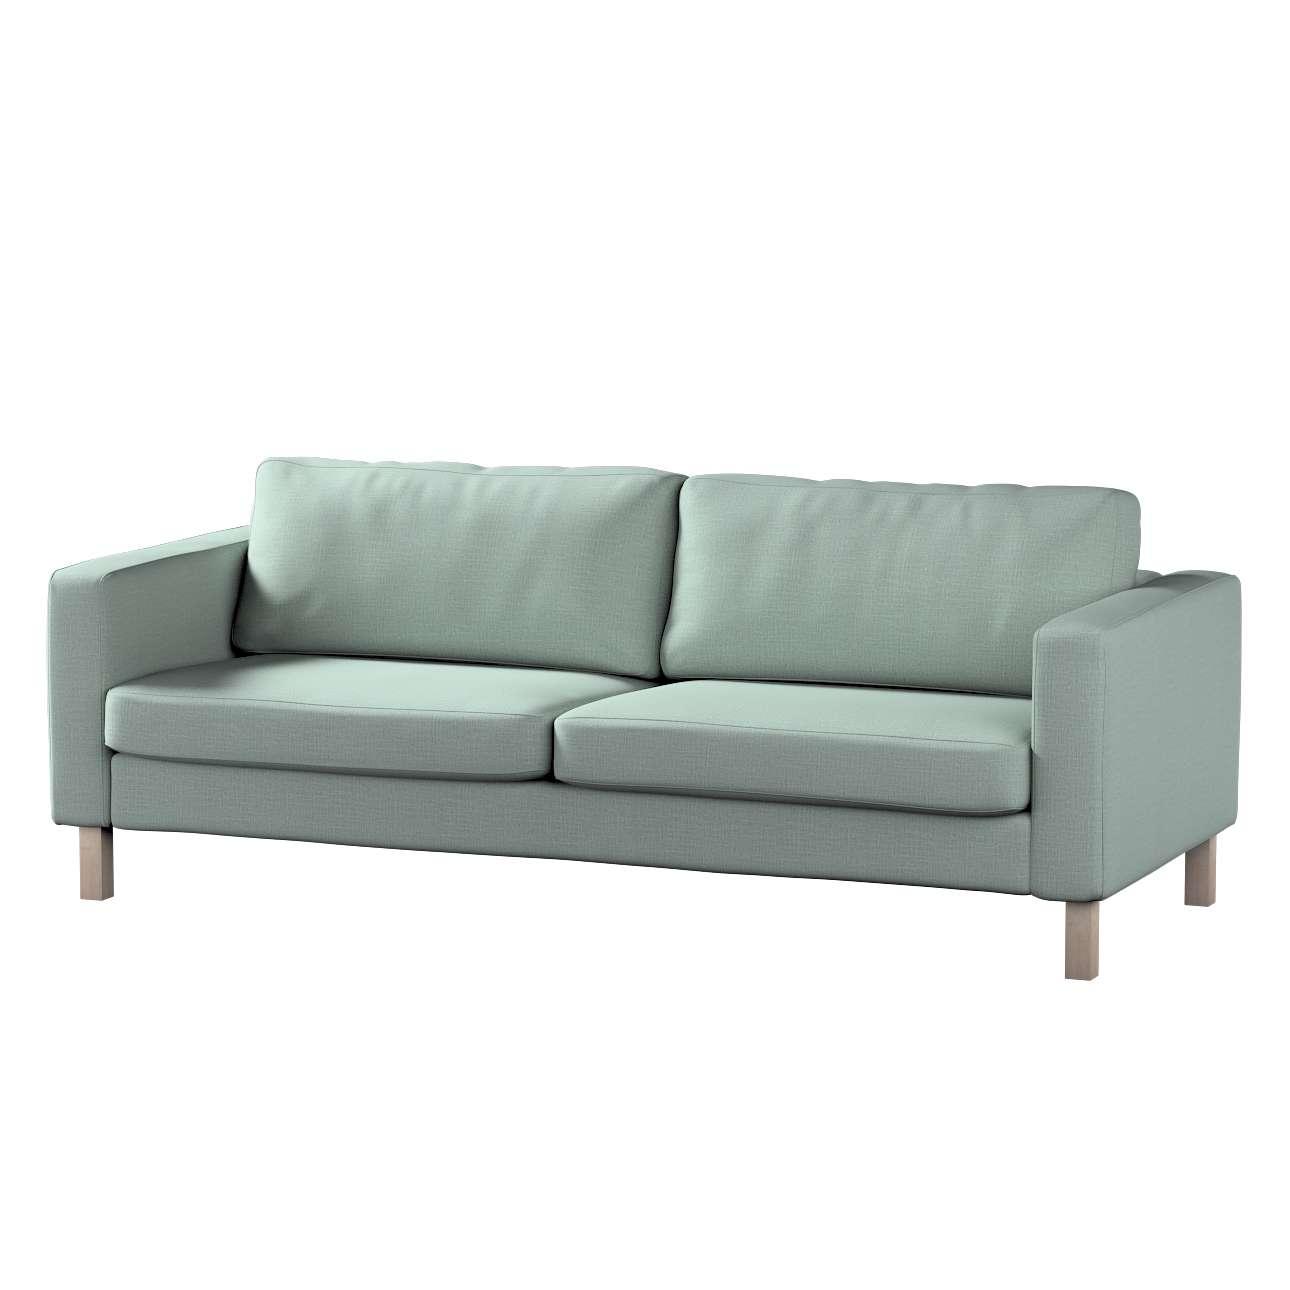 Pokrowiec na sofę Karlstad 3-osobową nierozkładaną, krótki w kolekcji Living, tkanina: 160-86